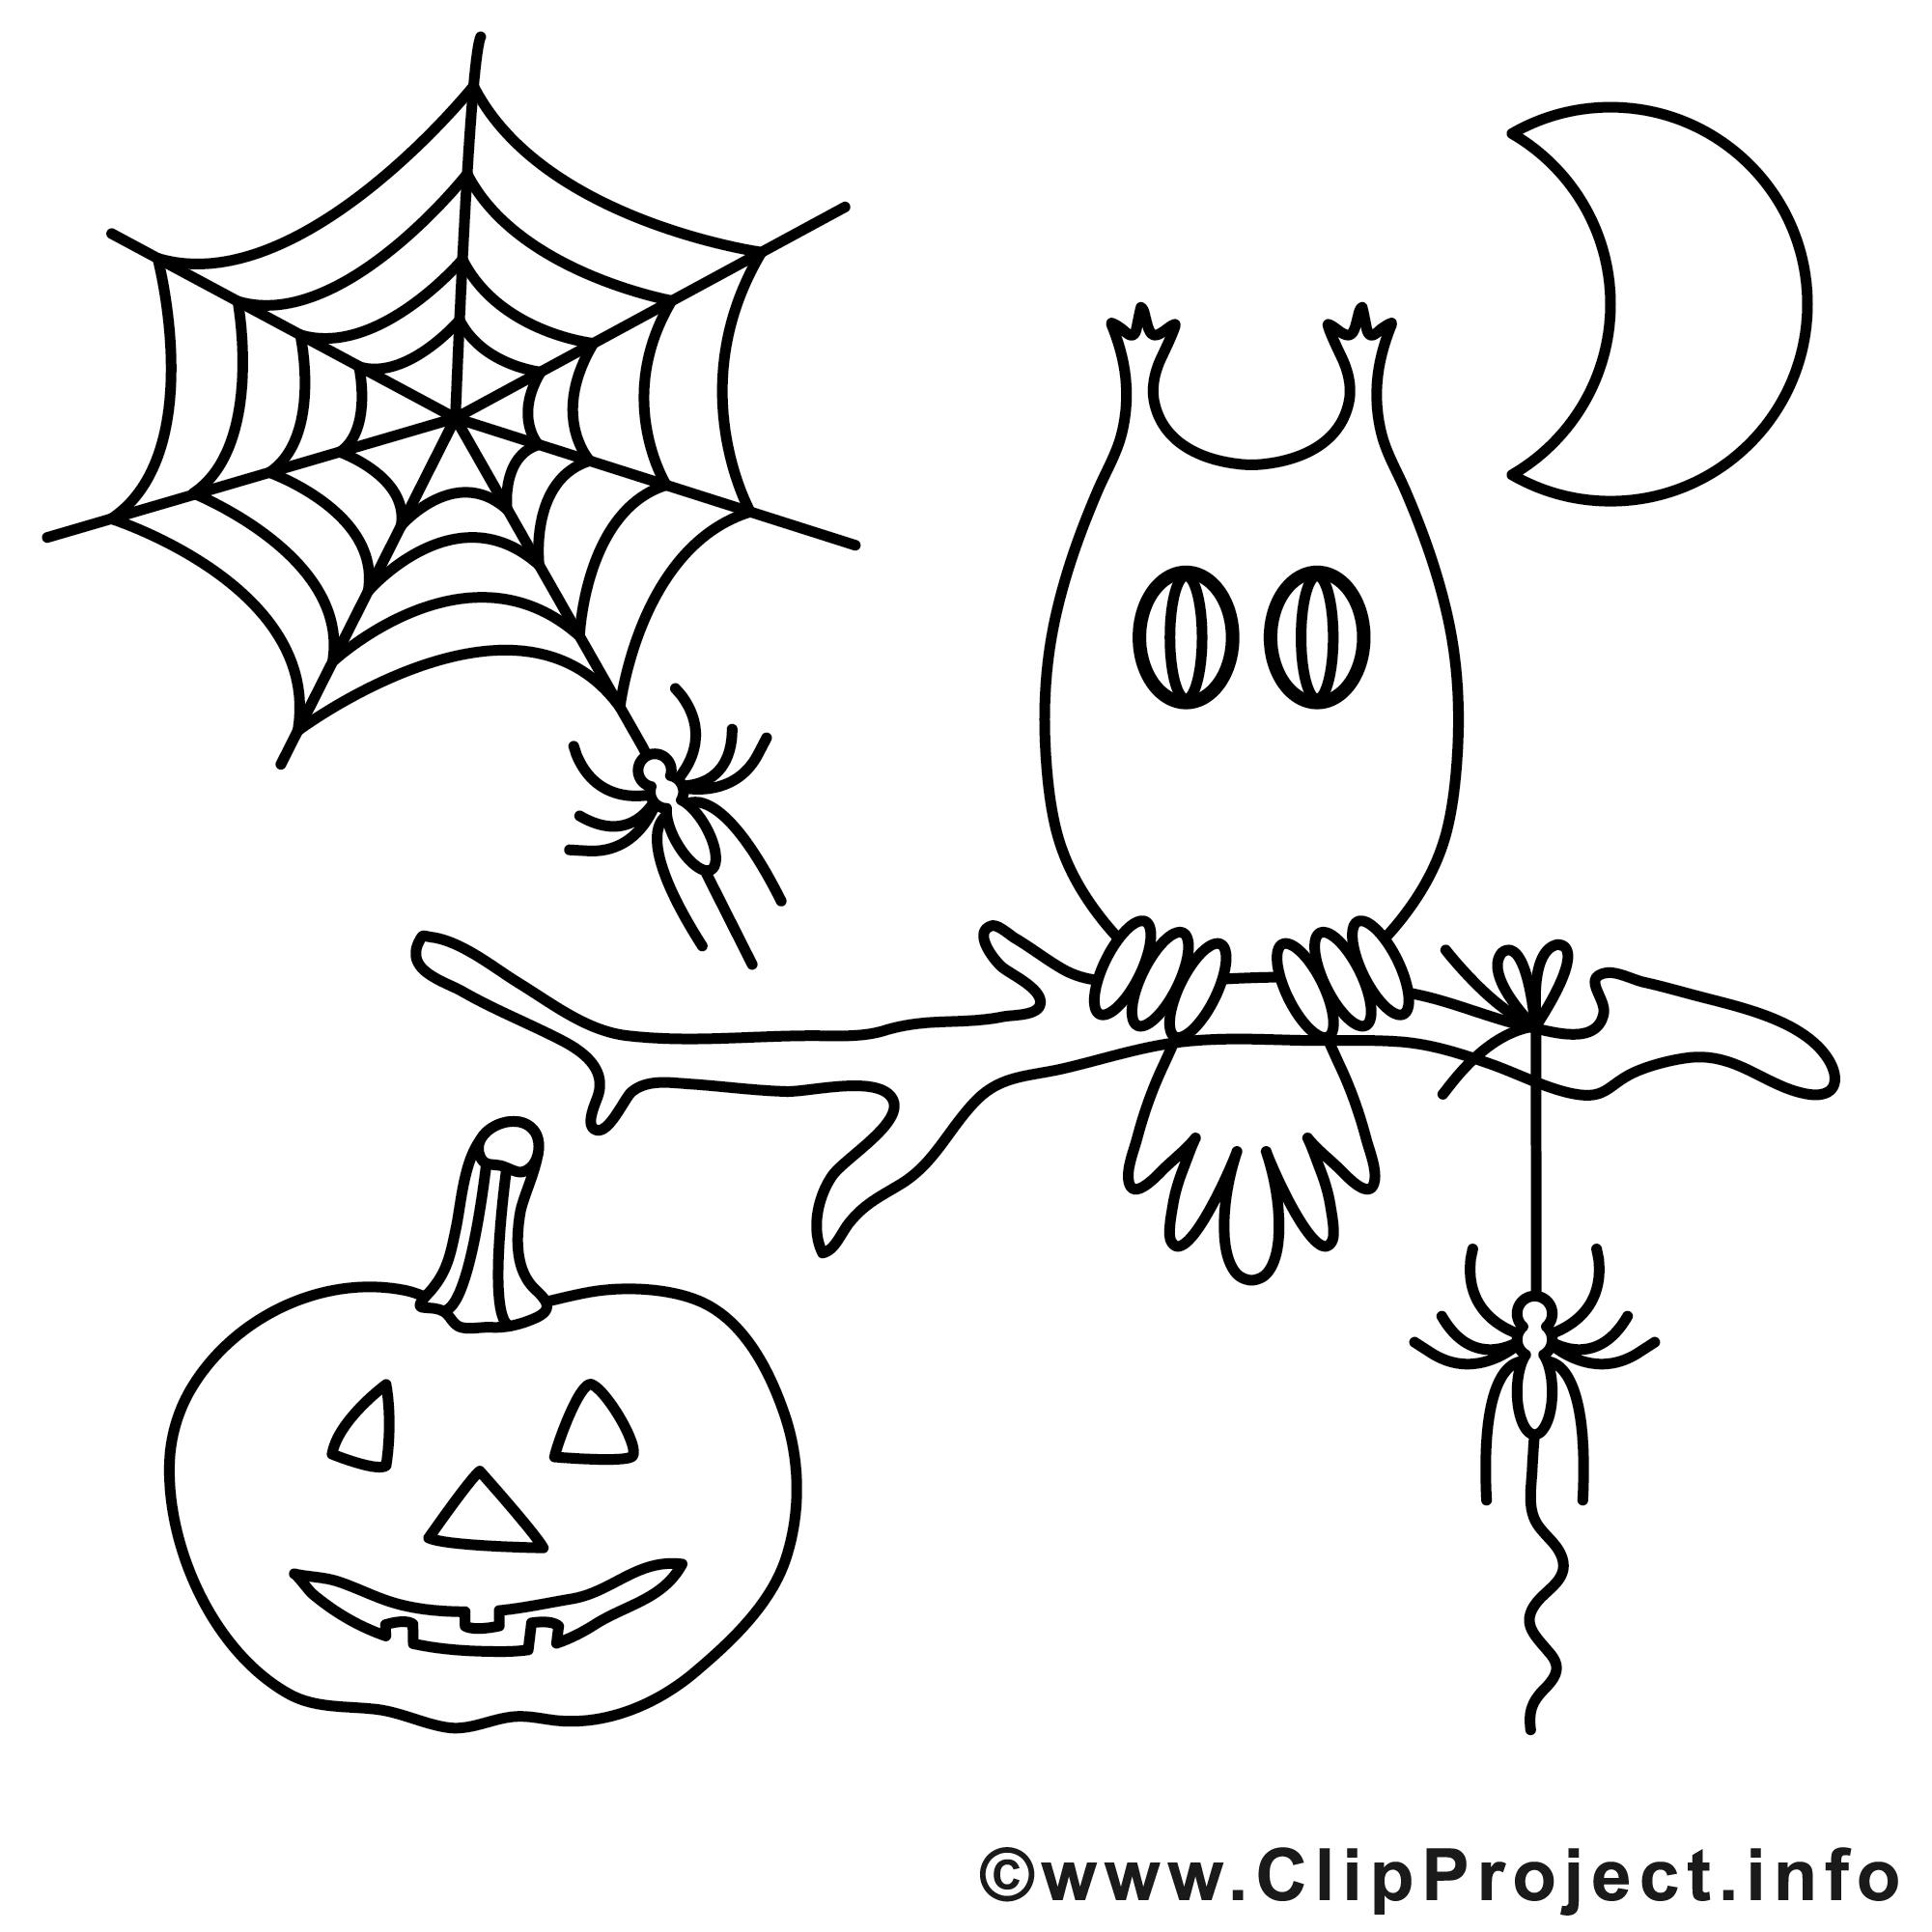 Halloween Malvorlagen Kostenlos Zum Bilder Ber Ausmalbilder ganzes Ausmalbilder Halloween Kostenlos